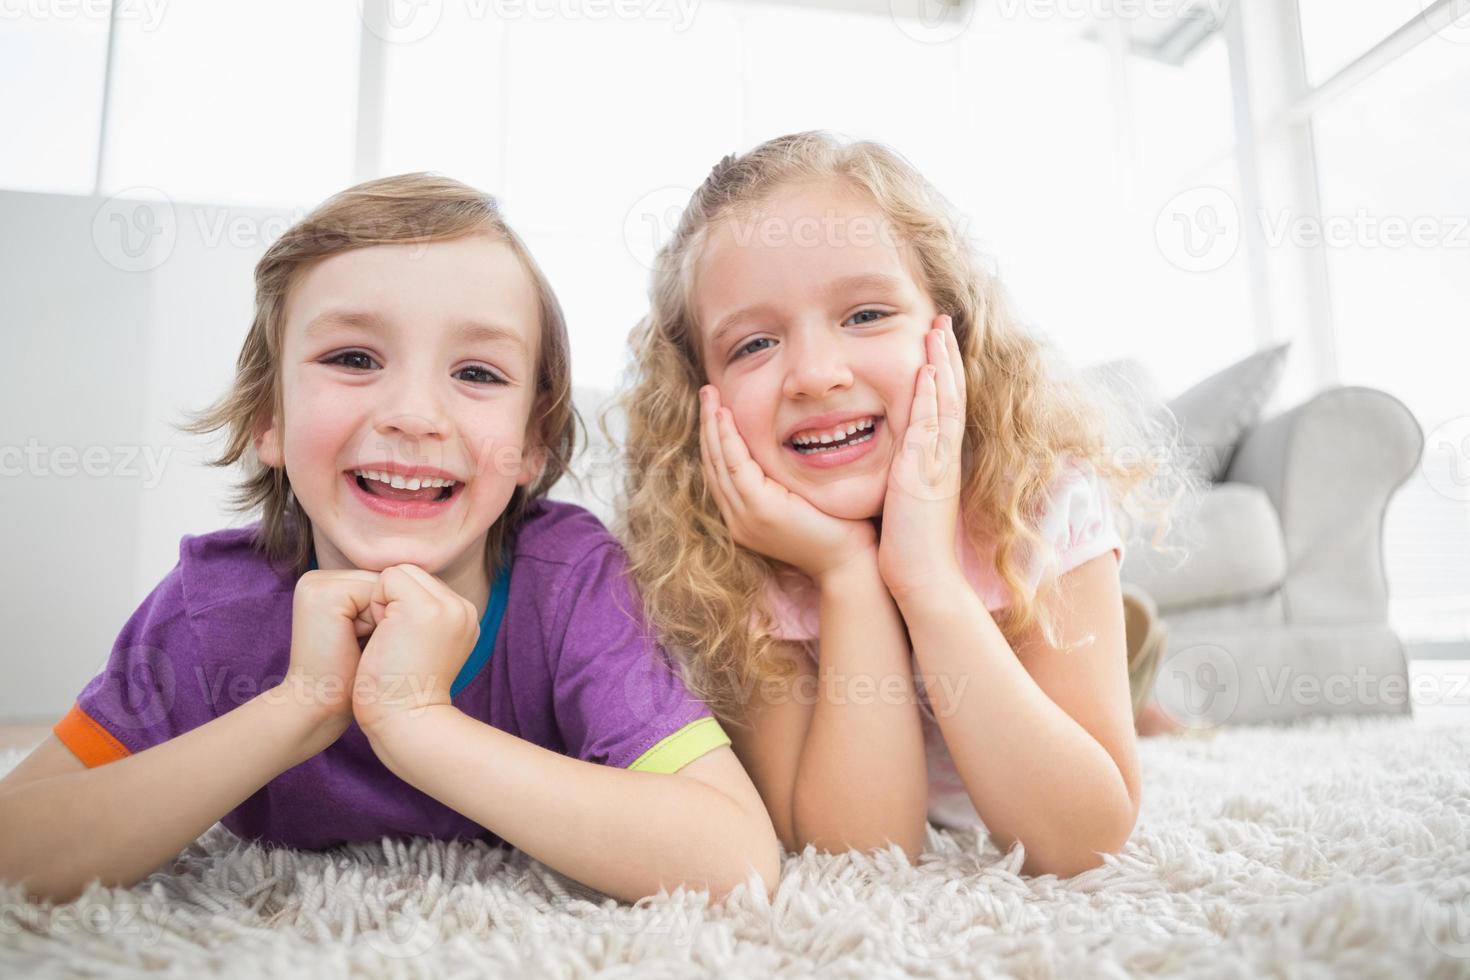 glückliche Geschwister, die zu Hause auf Teppich liegen foto